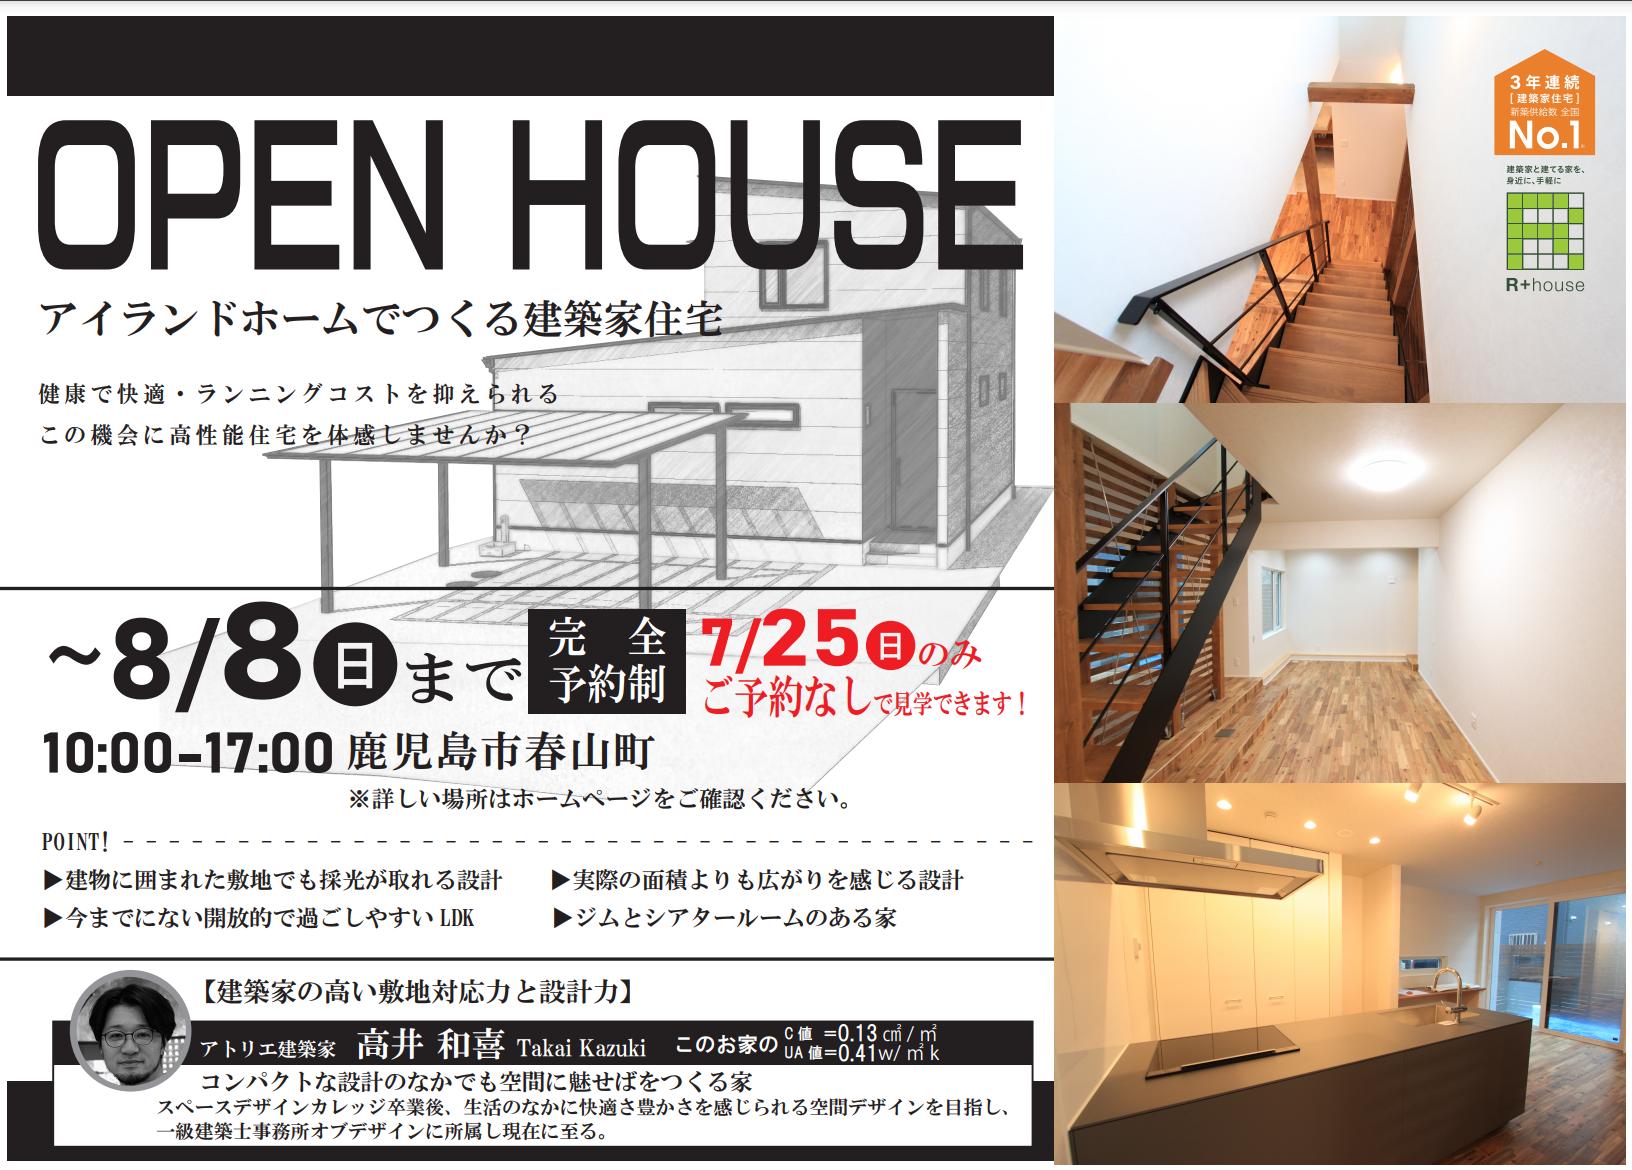 高性能住宅を体感 R+house 春山町モデルハウス